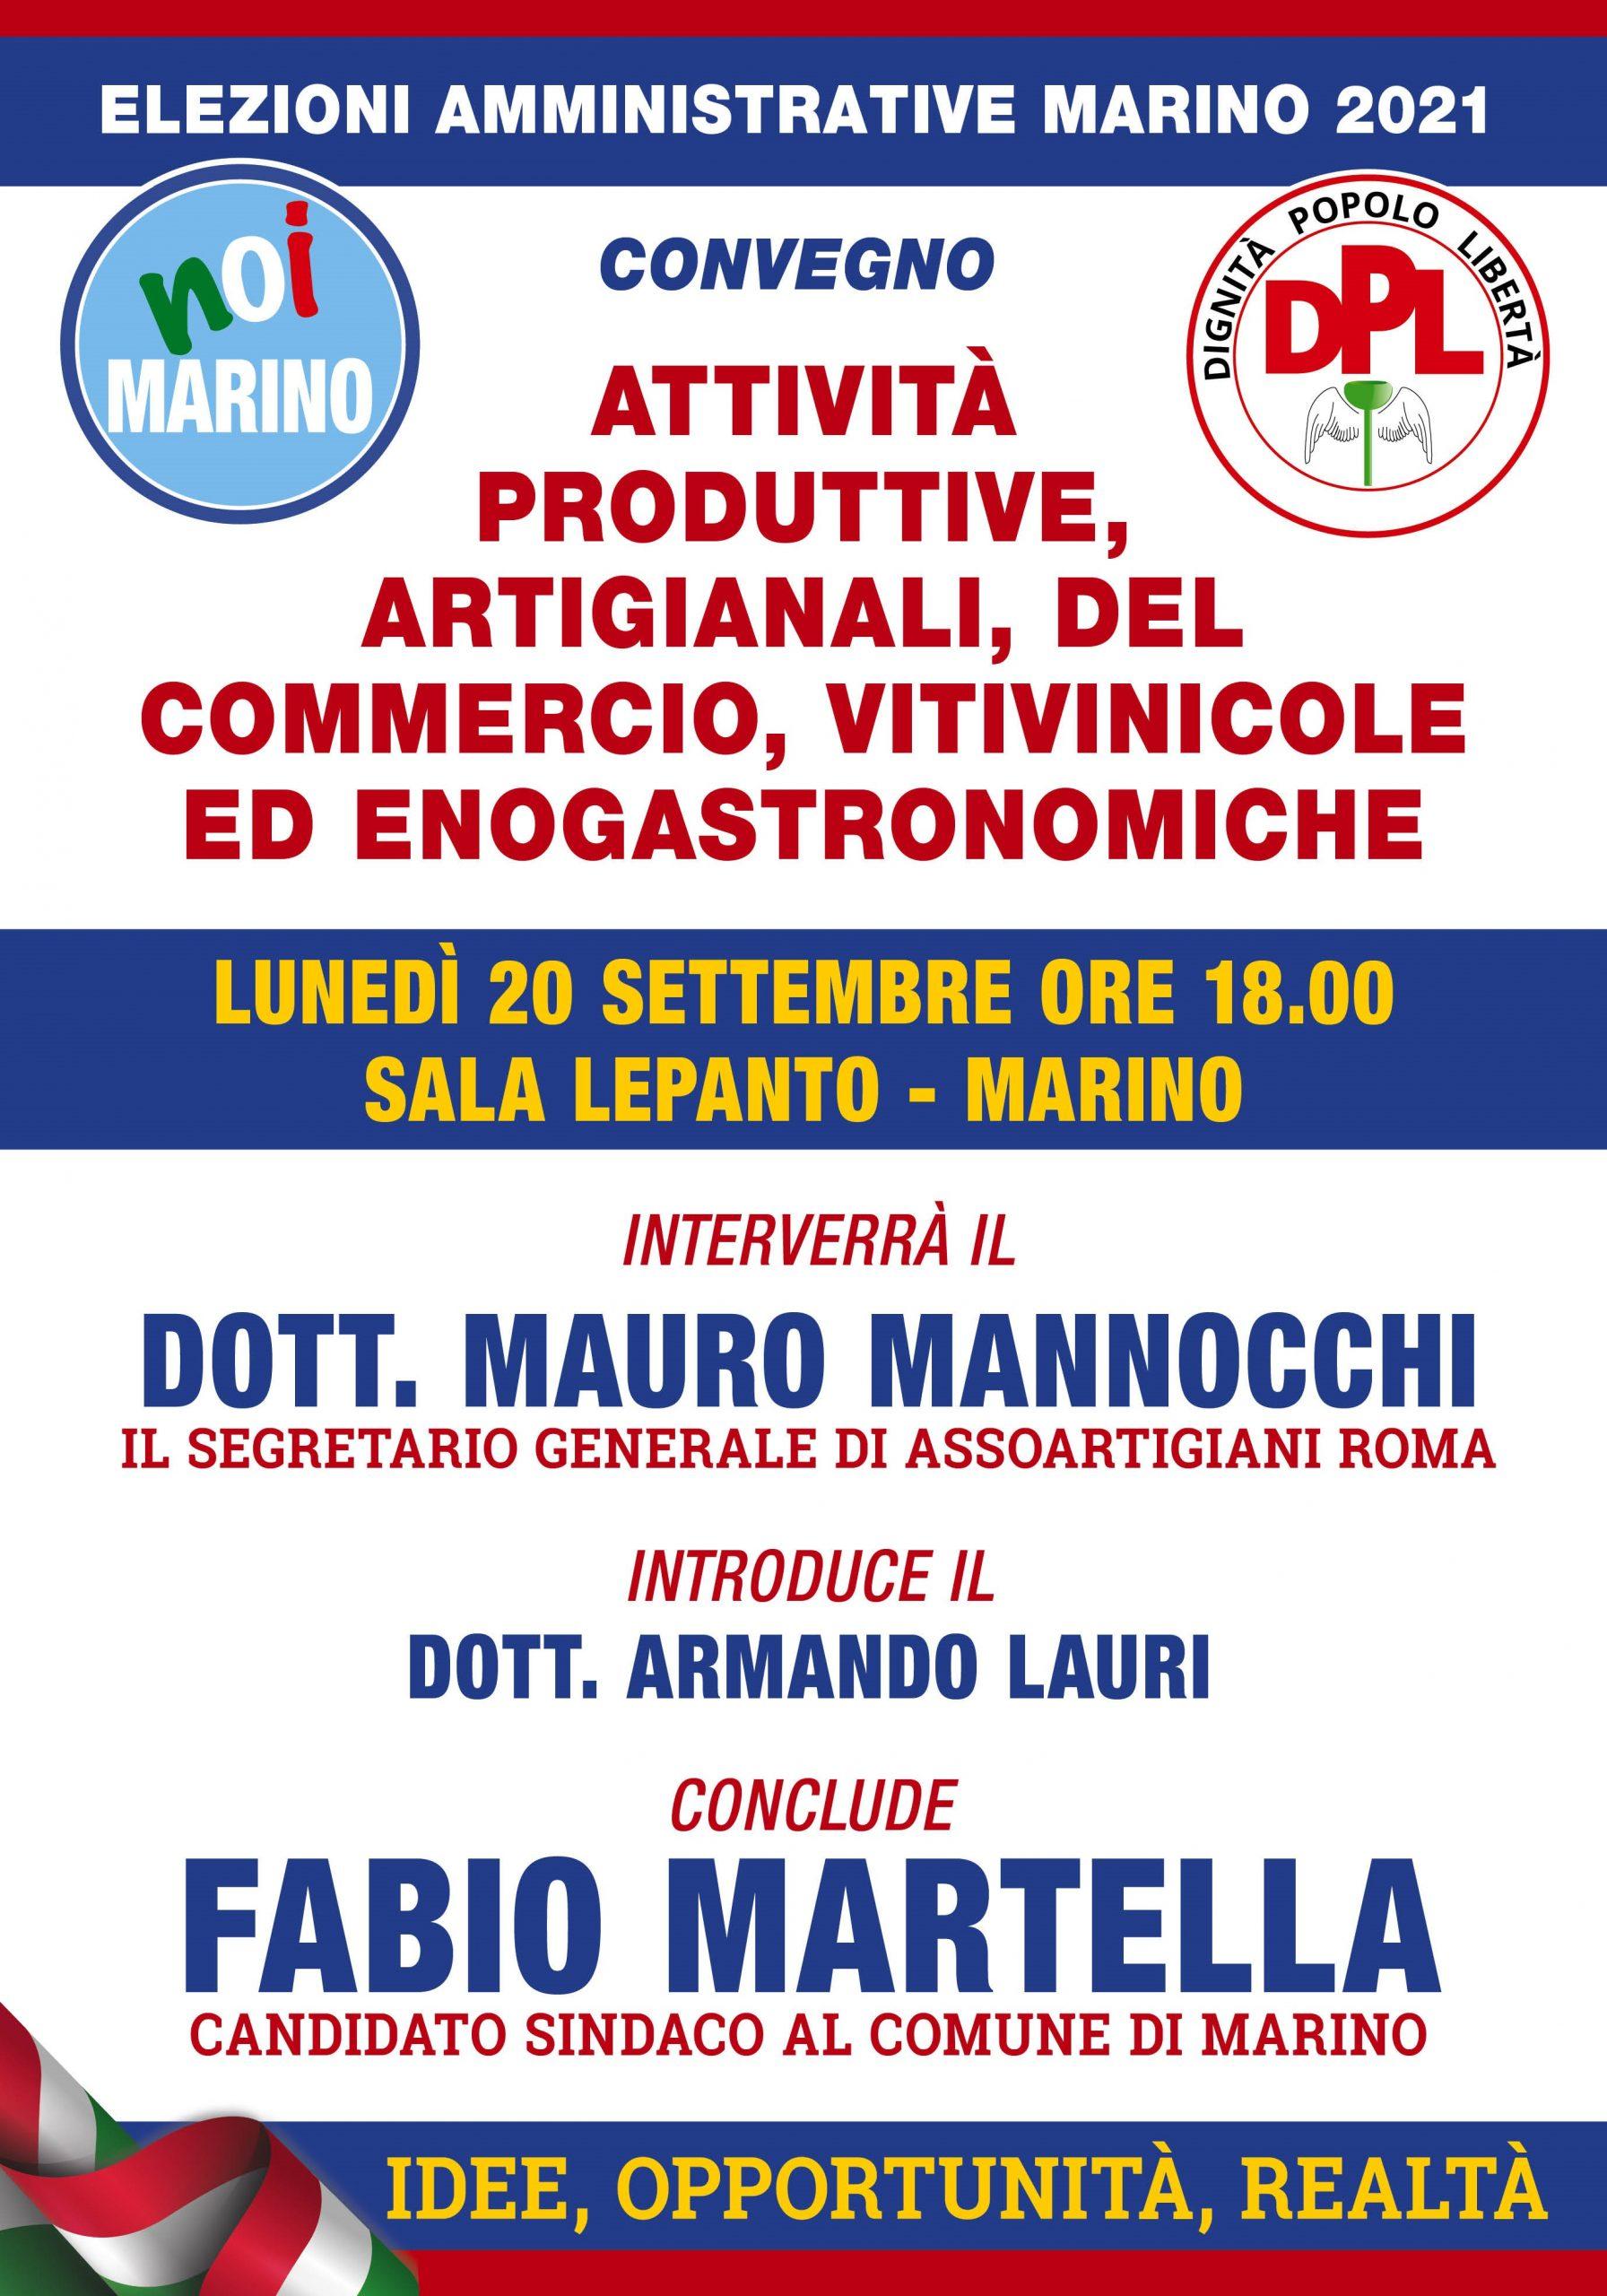 Marino, convegno sulle attività produttive, artigianali, del commercio, vitinicole ed enogastronomiche